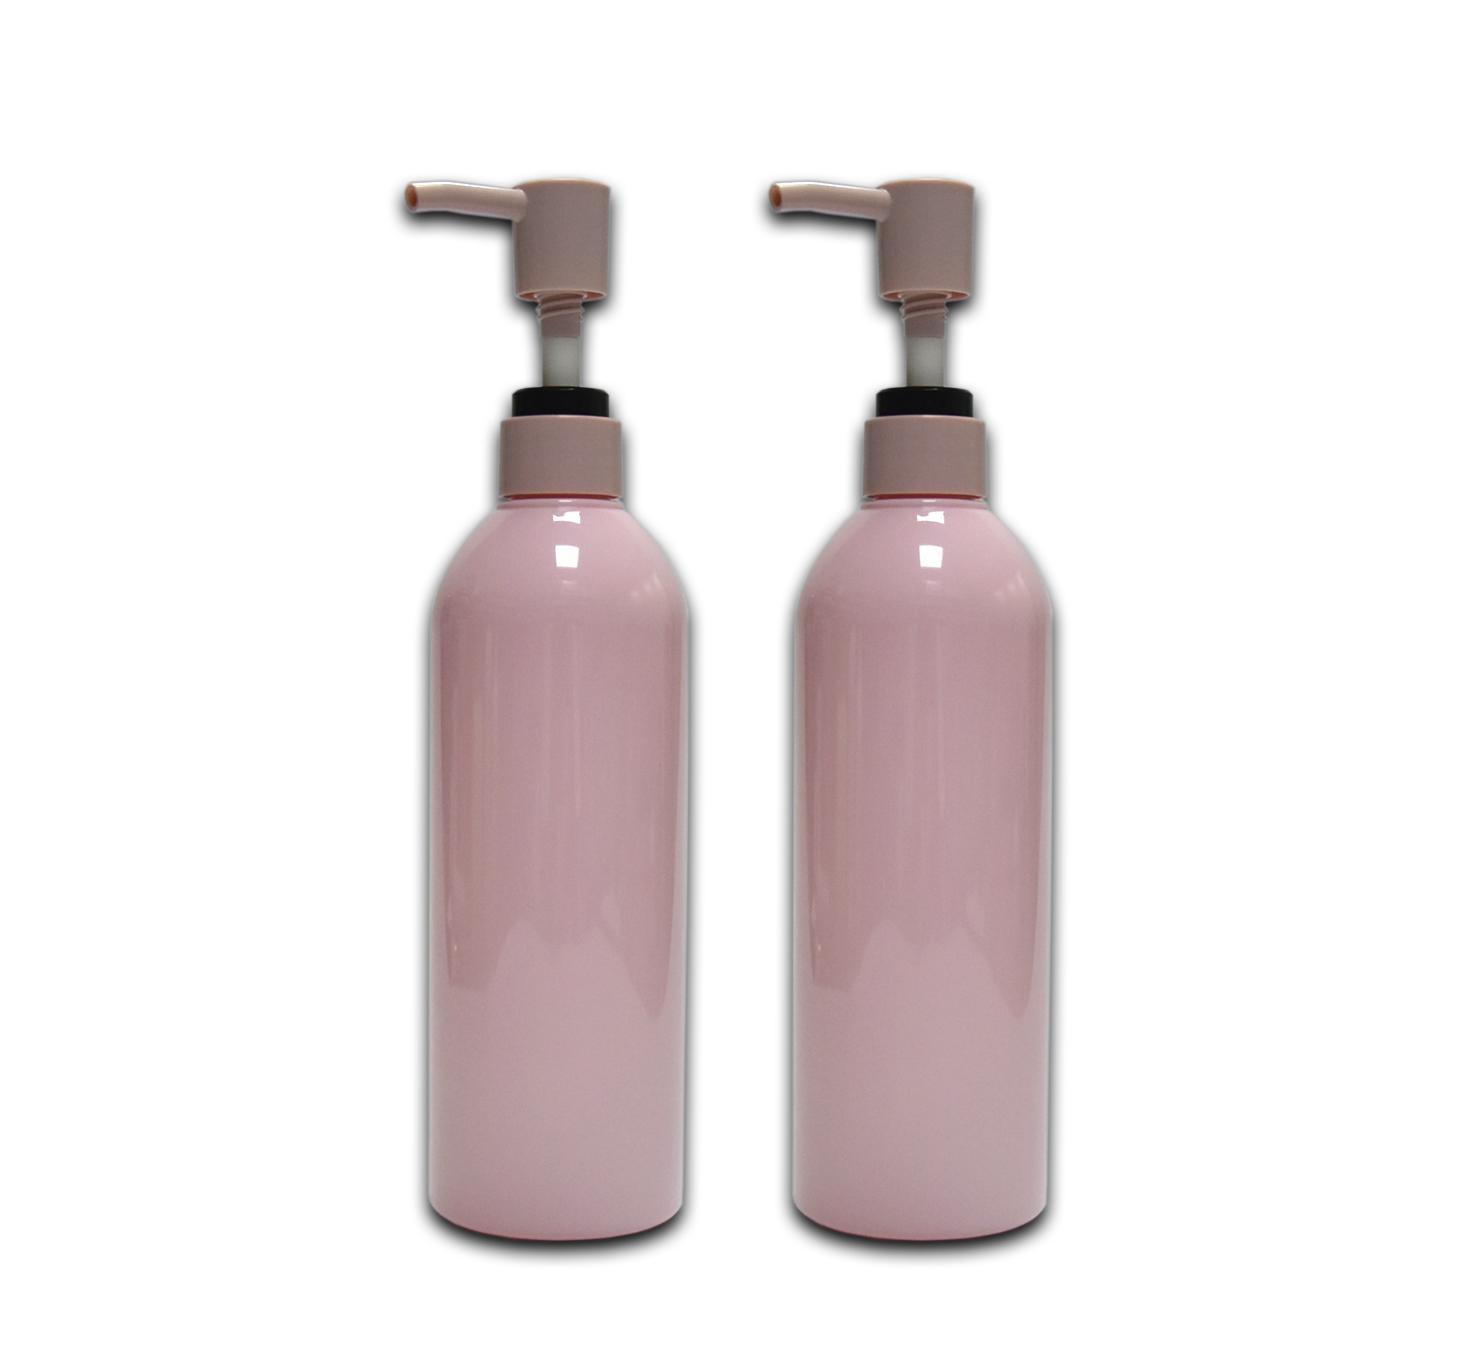 500 مللي فندق الوردي لطيف مخصص البلاستيك شامبو للحيوانات الأليفة زجاجة كريم للجسم غسول